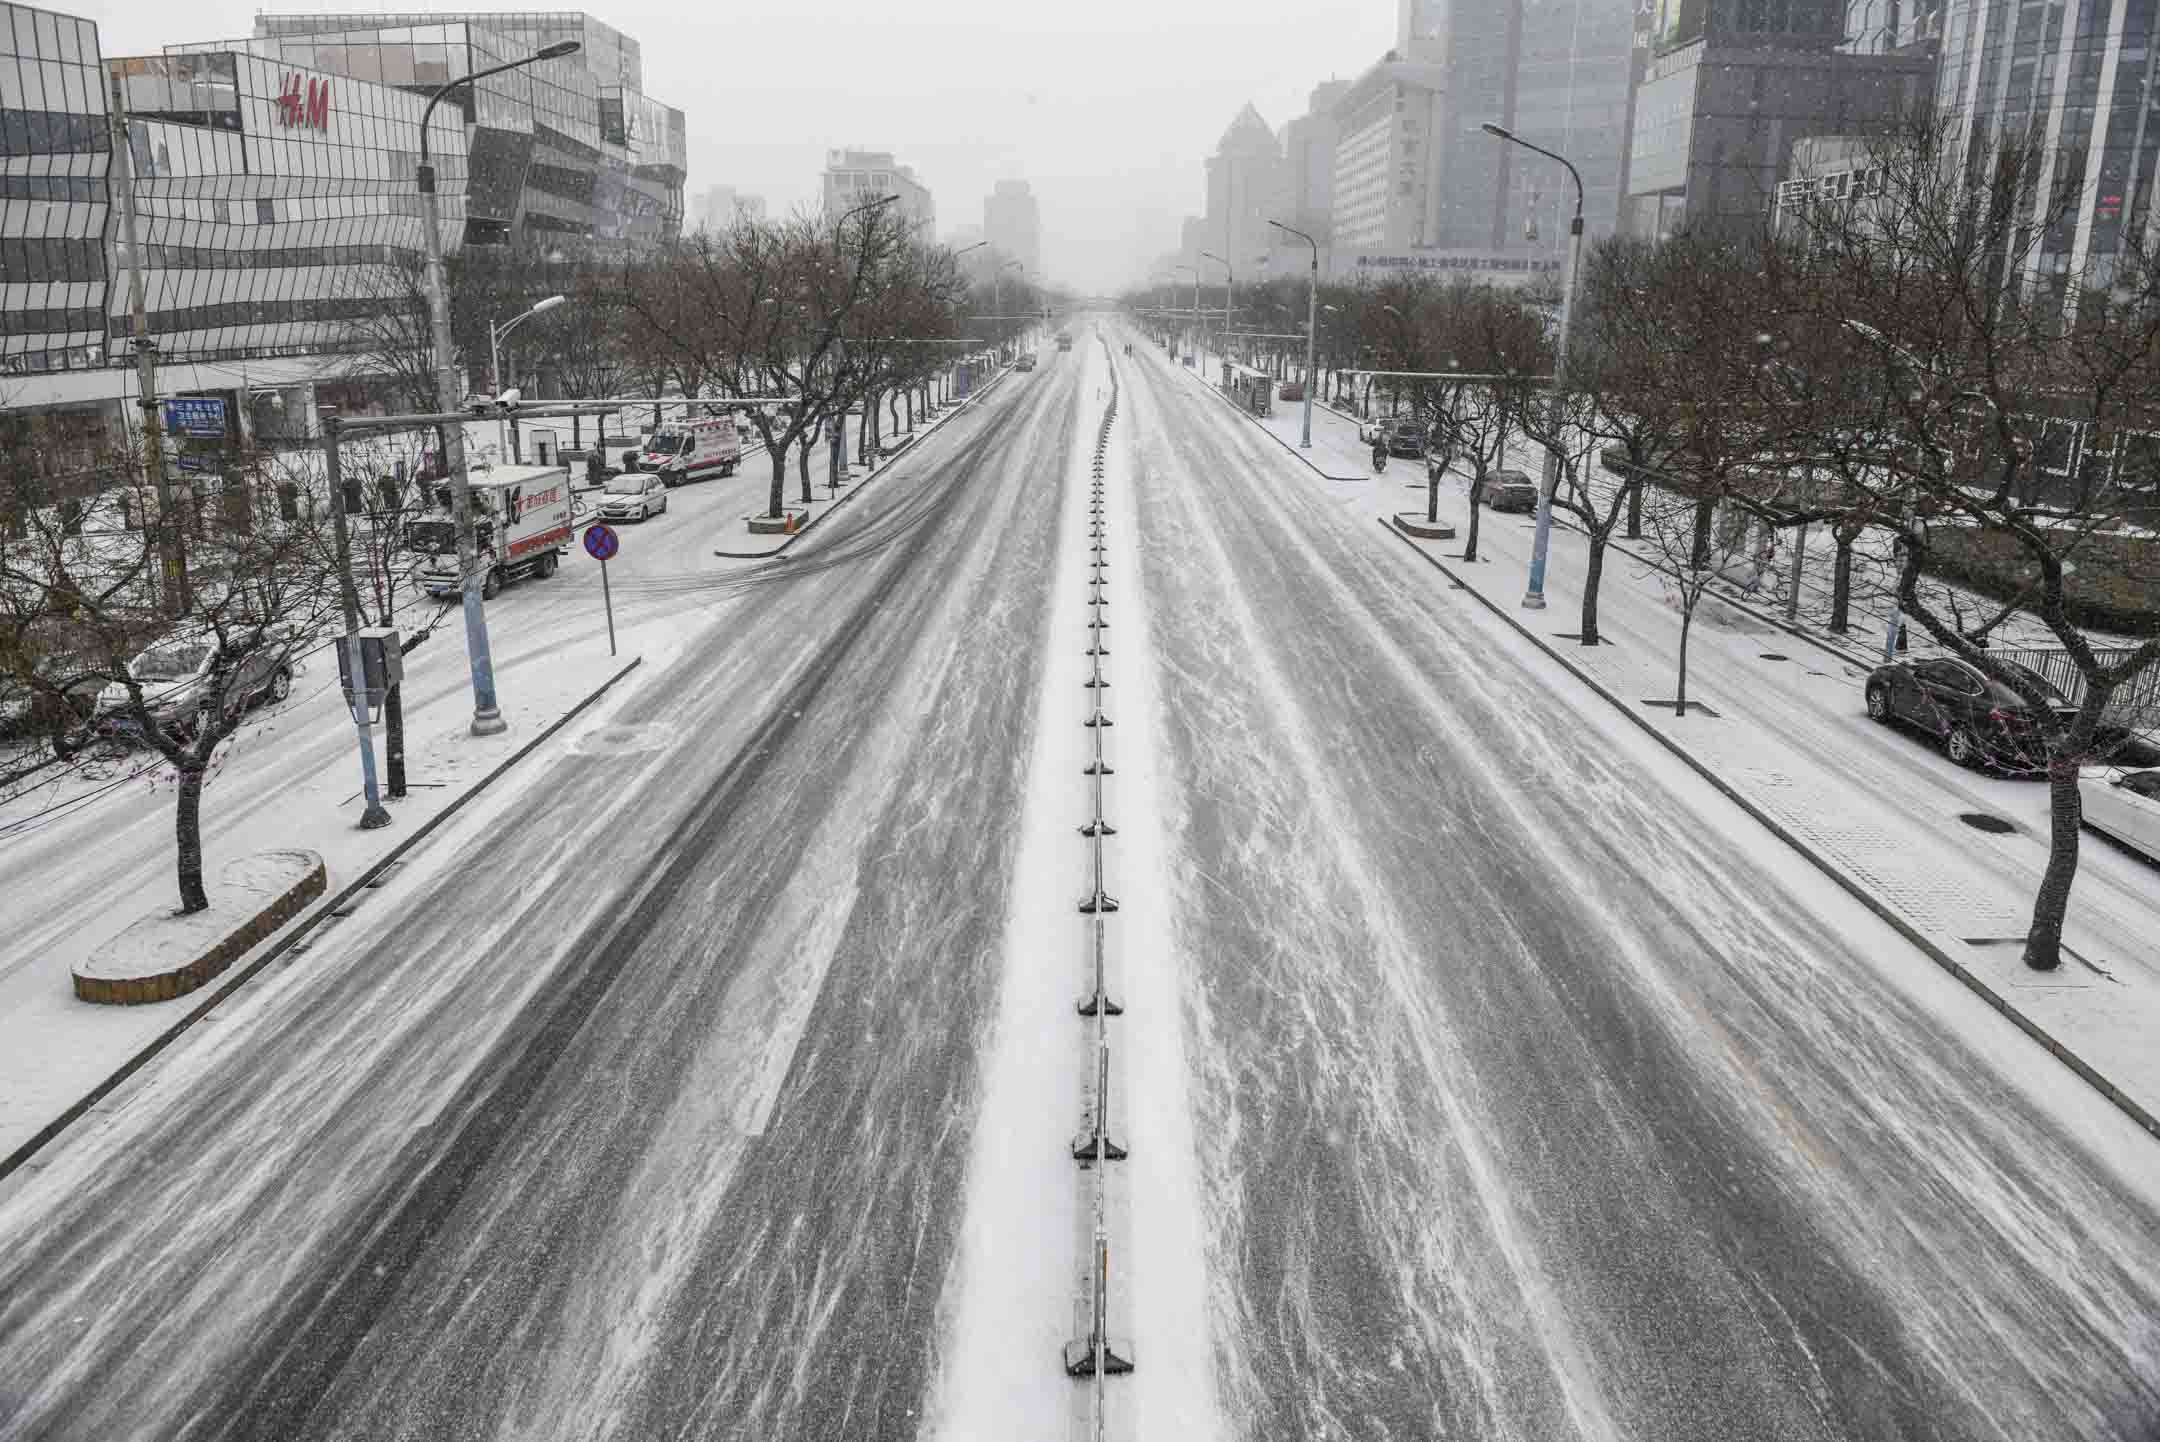 2020年2月5日,北京一條空蕩蕩的街道。因為肺炎疫情影響,中國不少公司與工廠都停工,商戶停業,大量市民也不敢上街消費,多方面都對經濟造成嚴重影響。